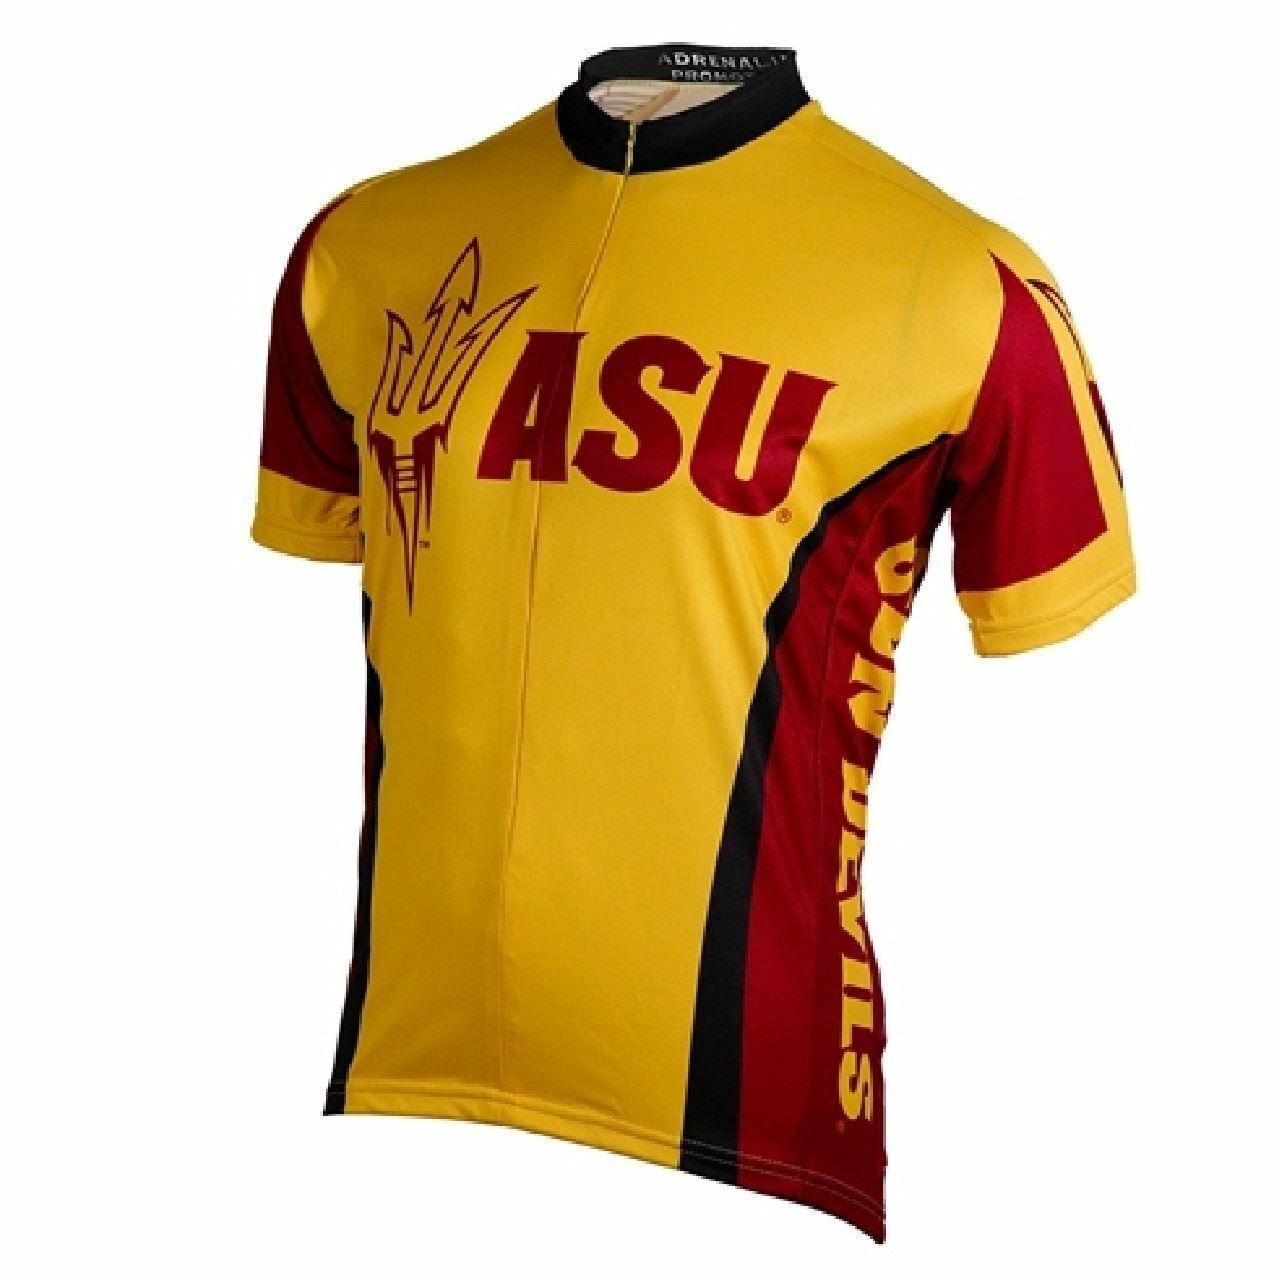 Arizona State University Sun Devils 3 4 zip Sie's Short Sleeve Radfahren Jersey